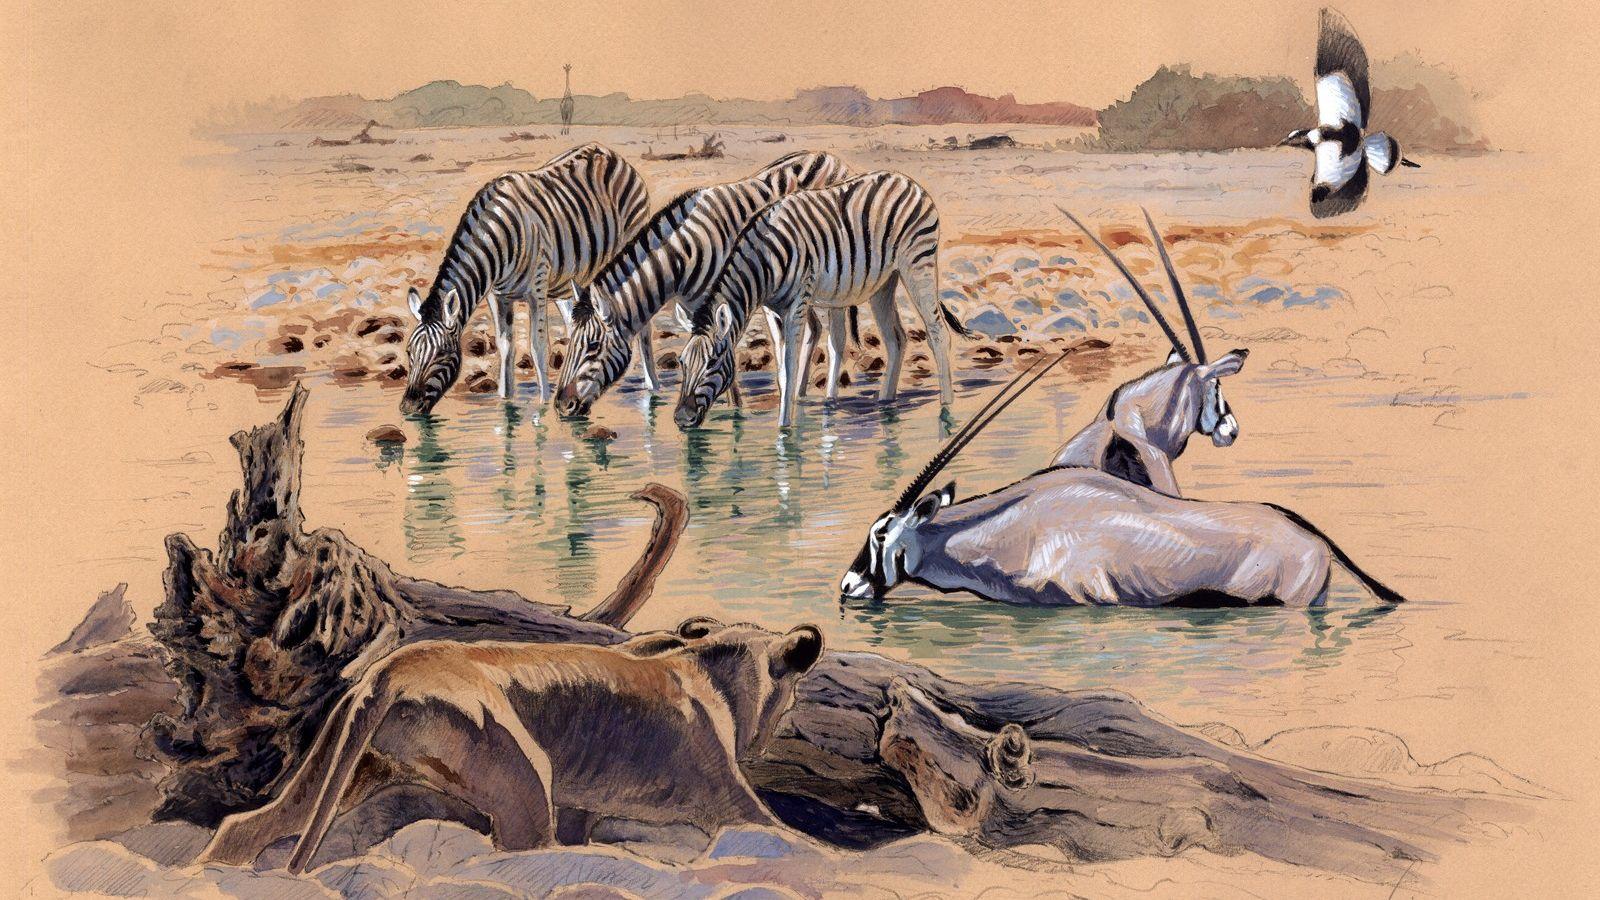 Exposicion dibujando entre leones